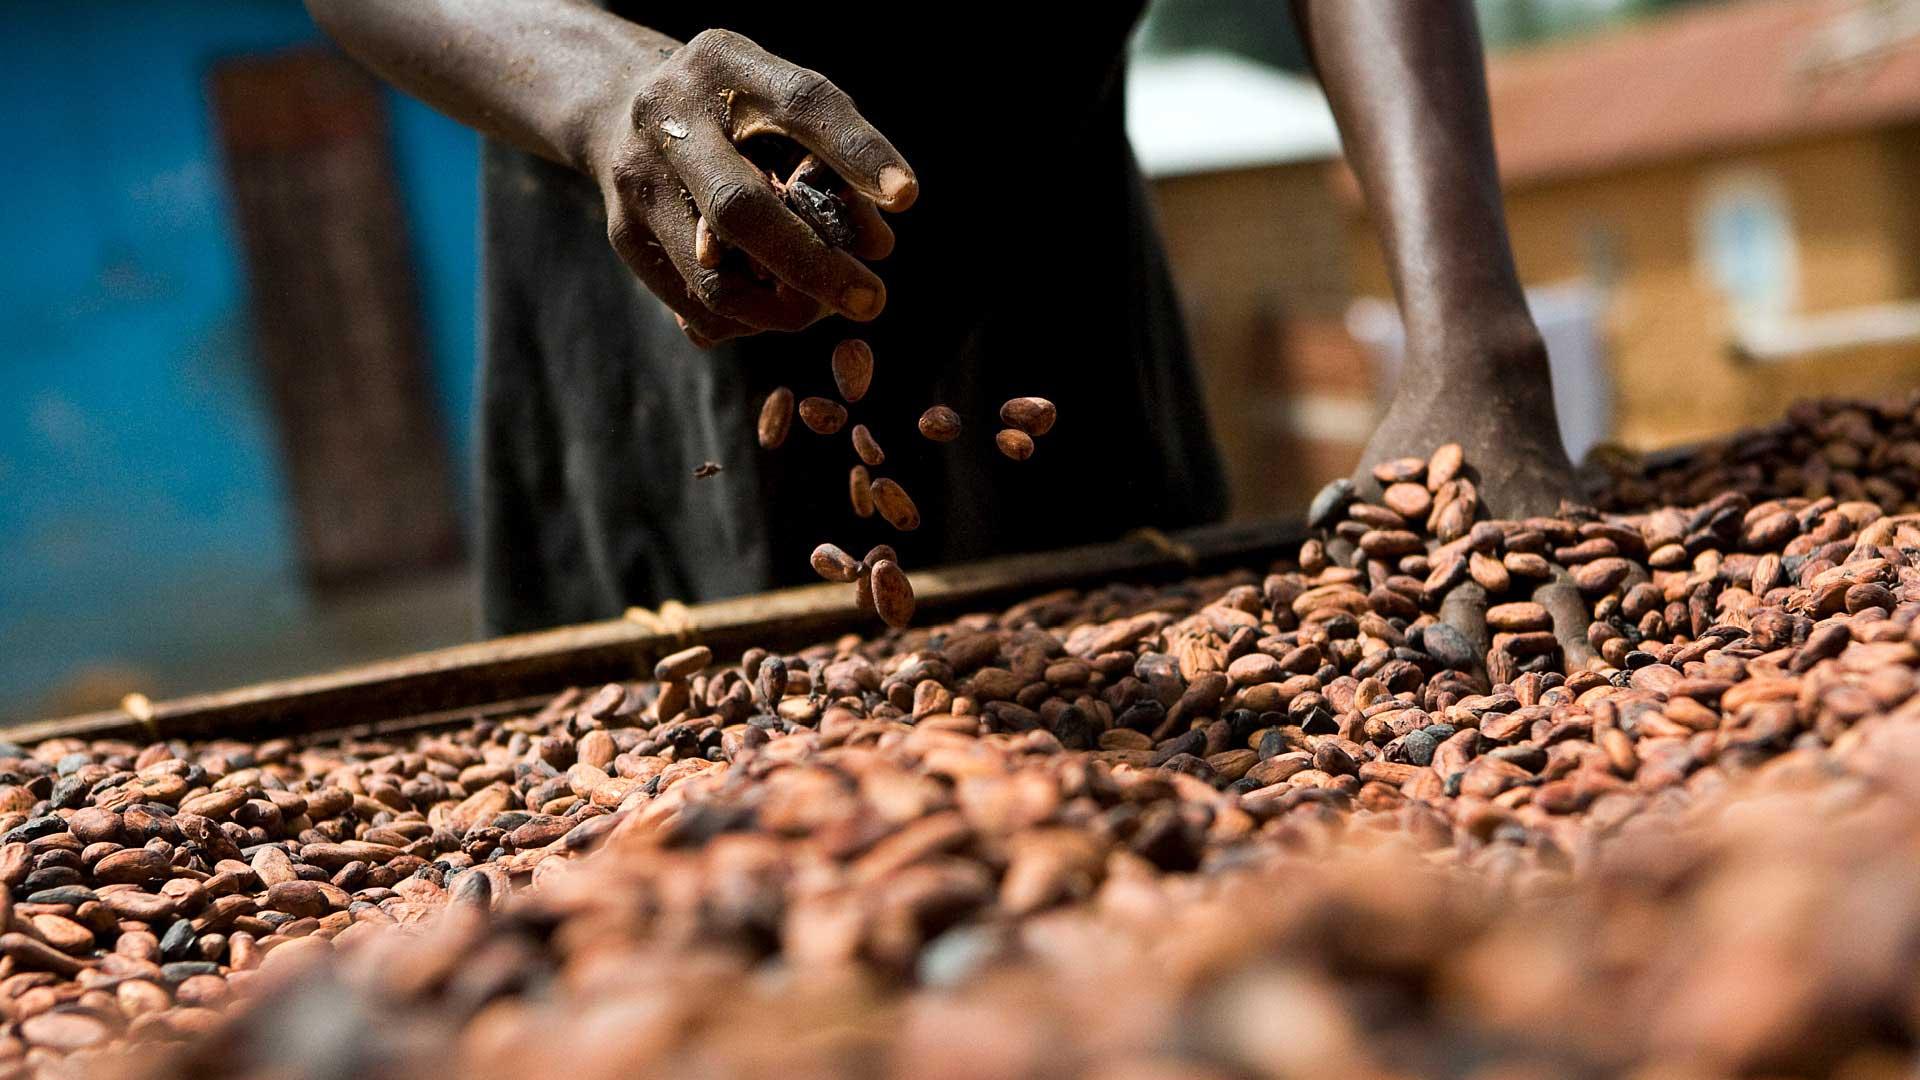 kakaobønde roder i kakaobønner med sløret baggrund